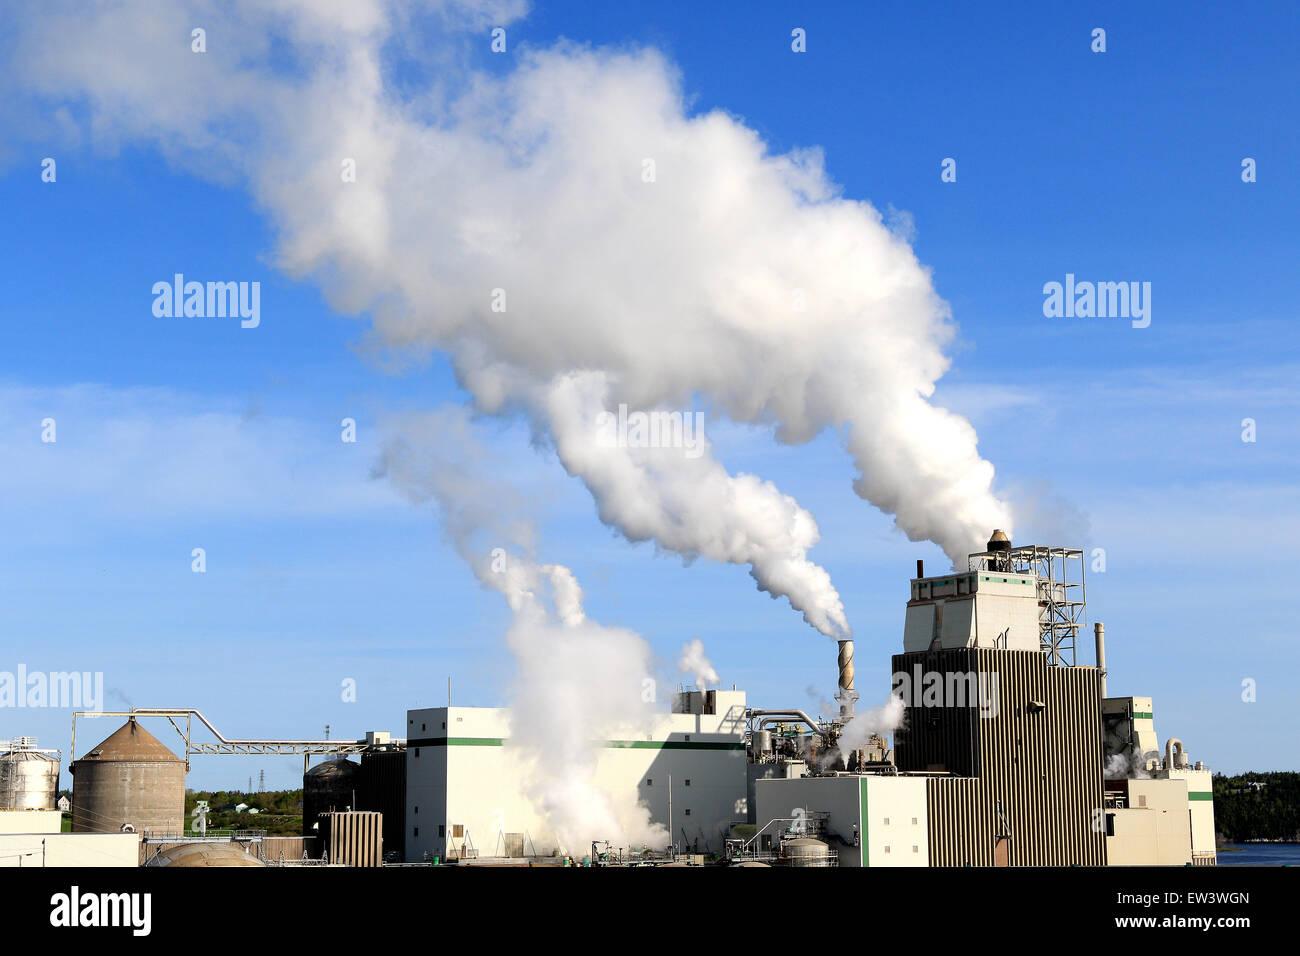 La fumée des rejets d'usine la pollution atmosphérique et les émissions de gaz à effet de Photo Stock